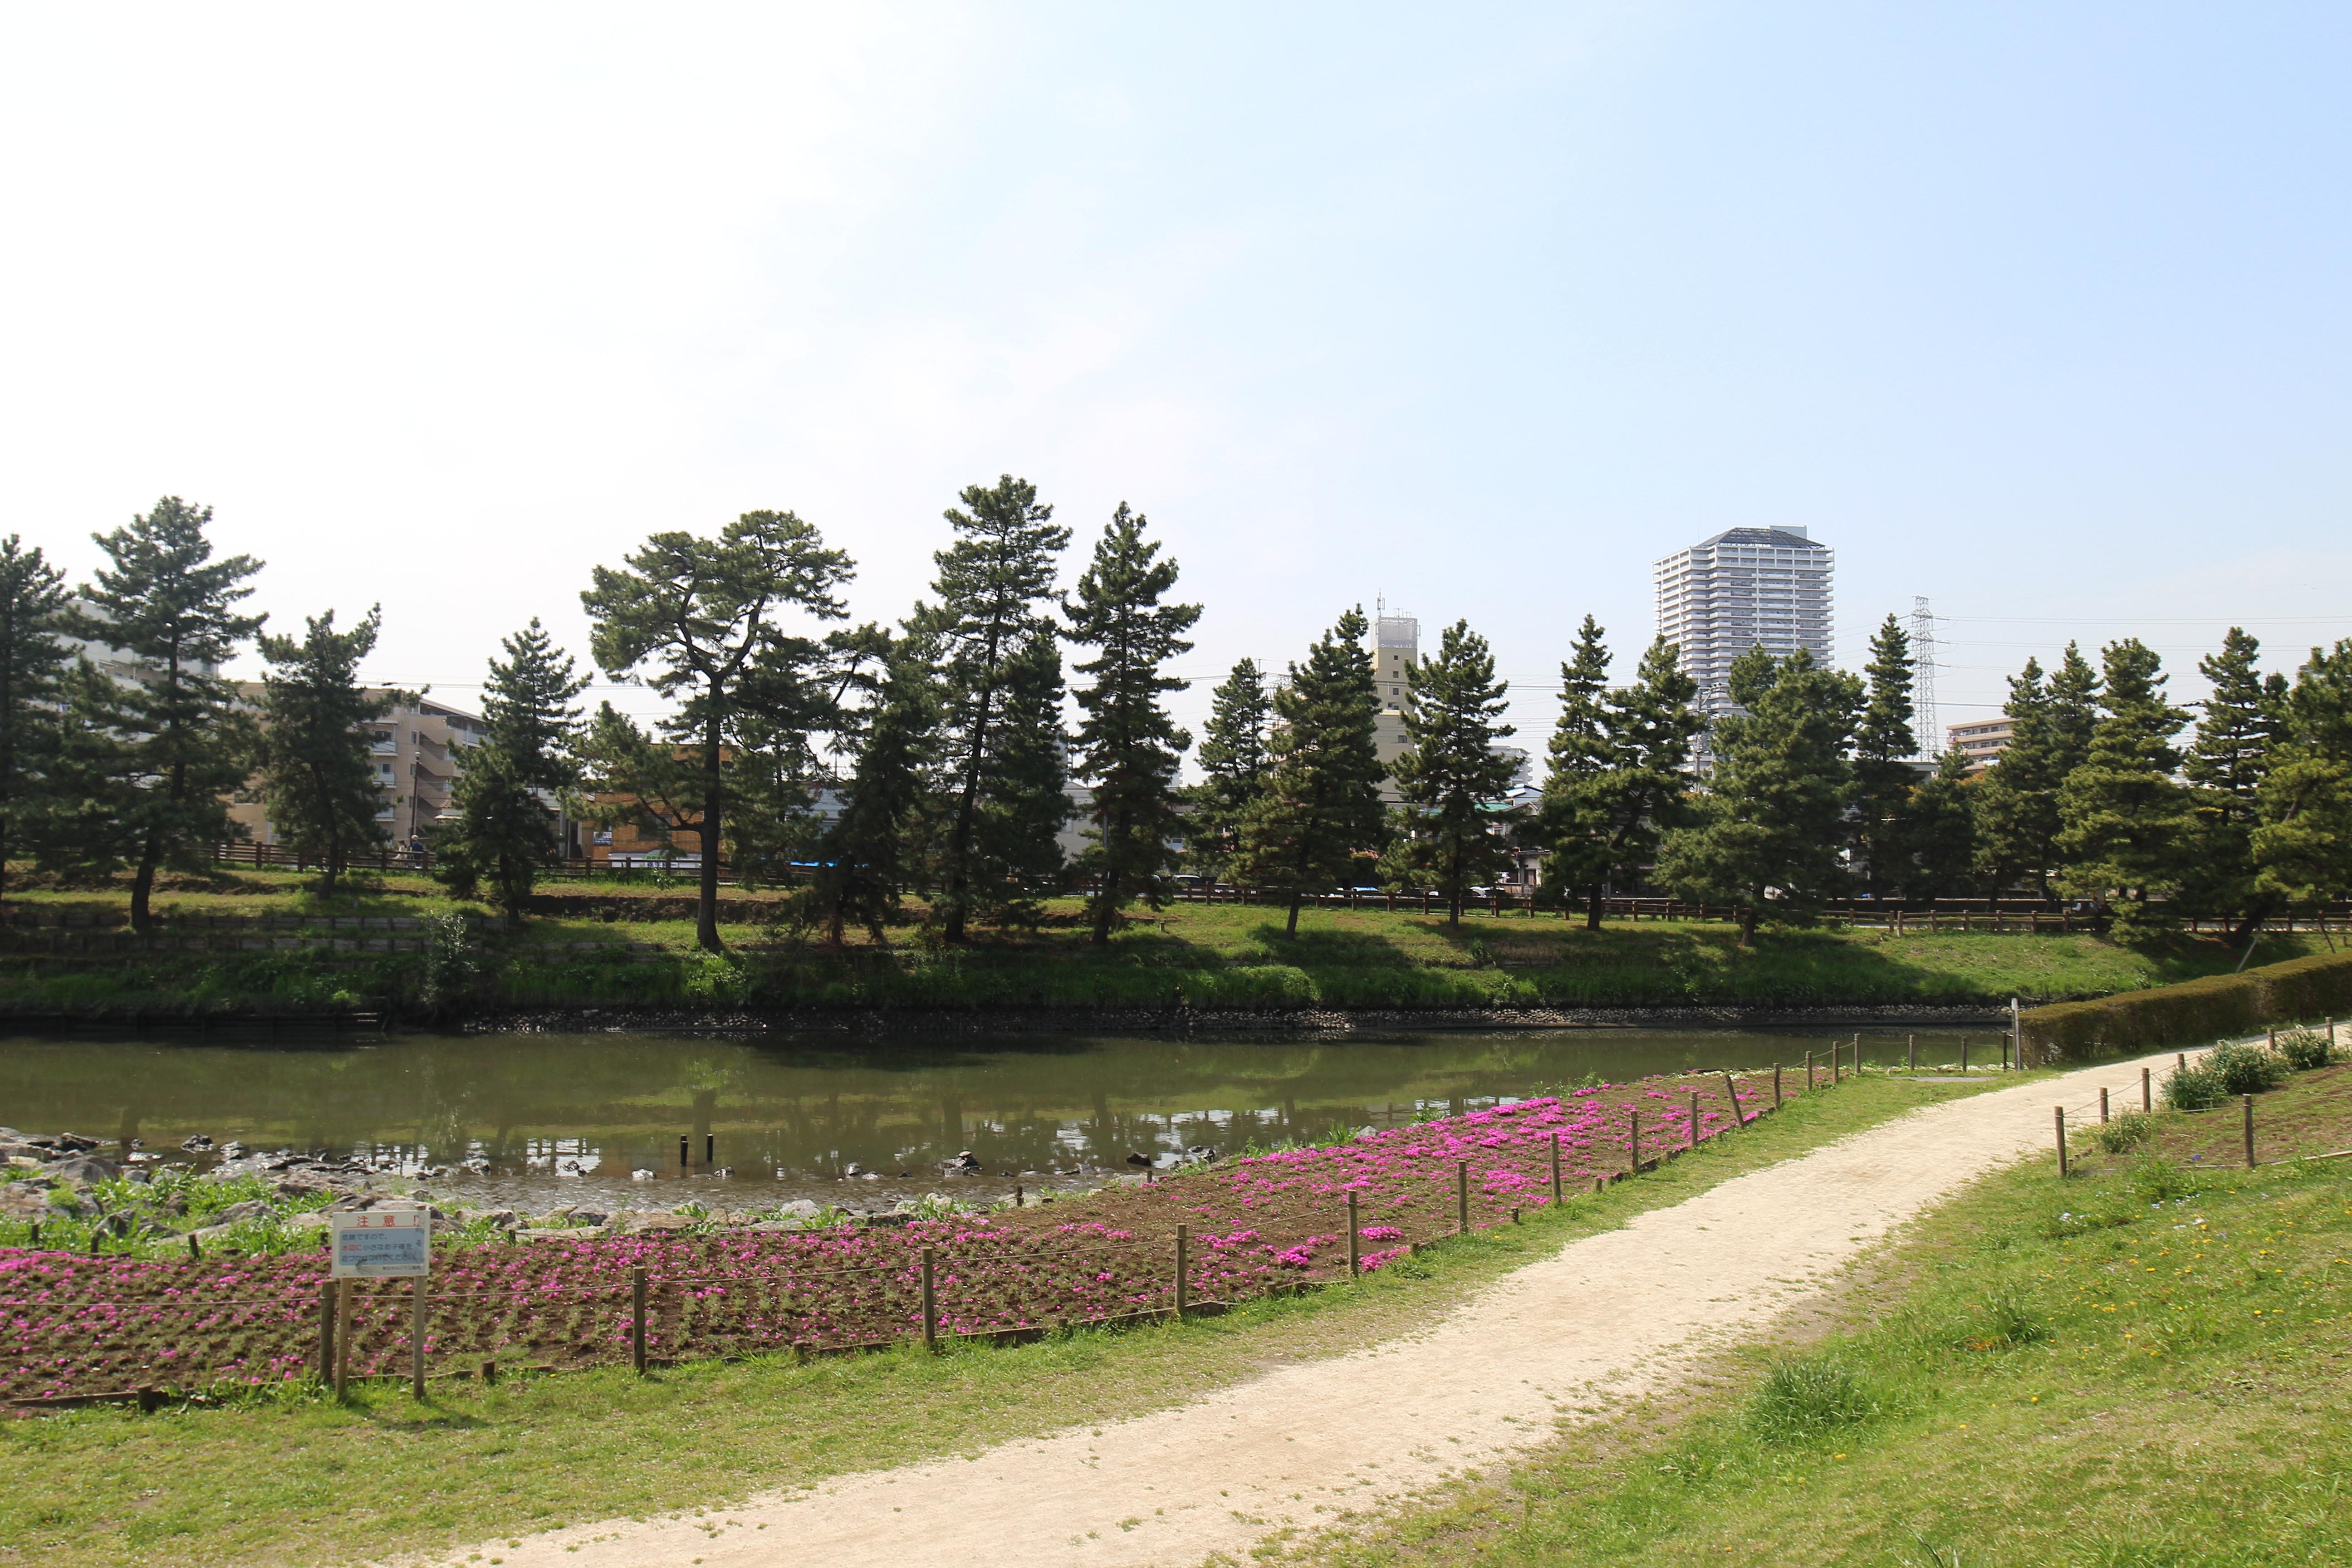 「草加市 綾瀬川左岸広場」の検索結果 - Yahoo!検索(画像)